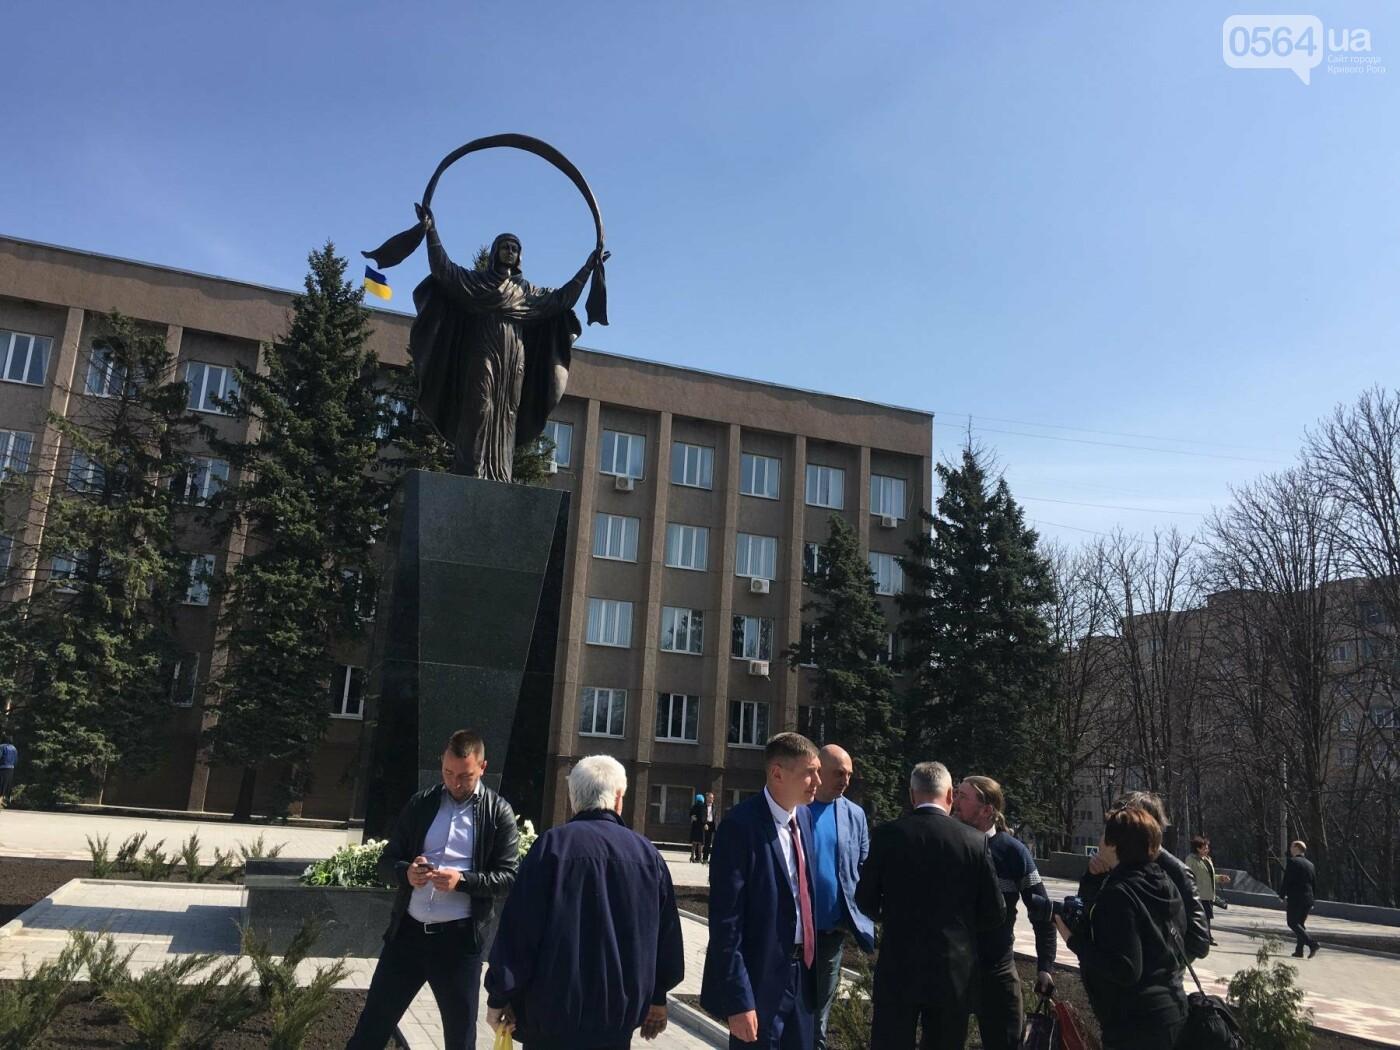 На Благовещение в Кривом Роге открыли памятник покровительнице украинских козаков (ФОТО, ВИДЕО), фото-15